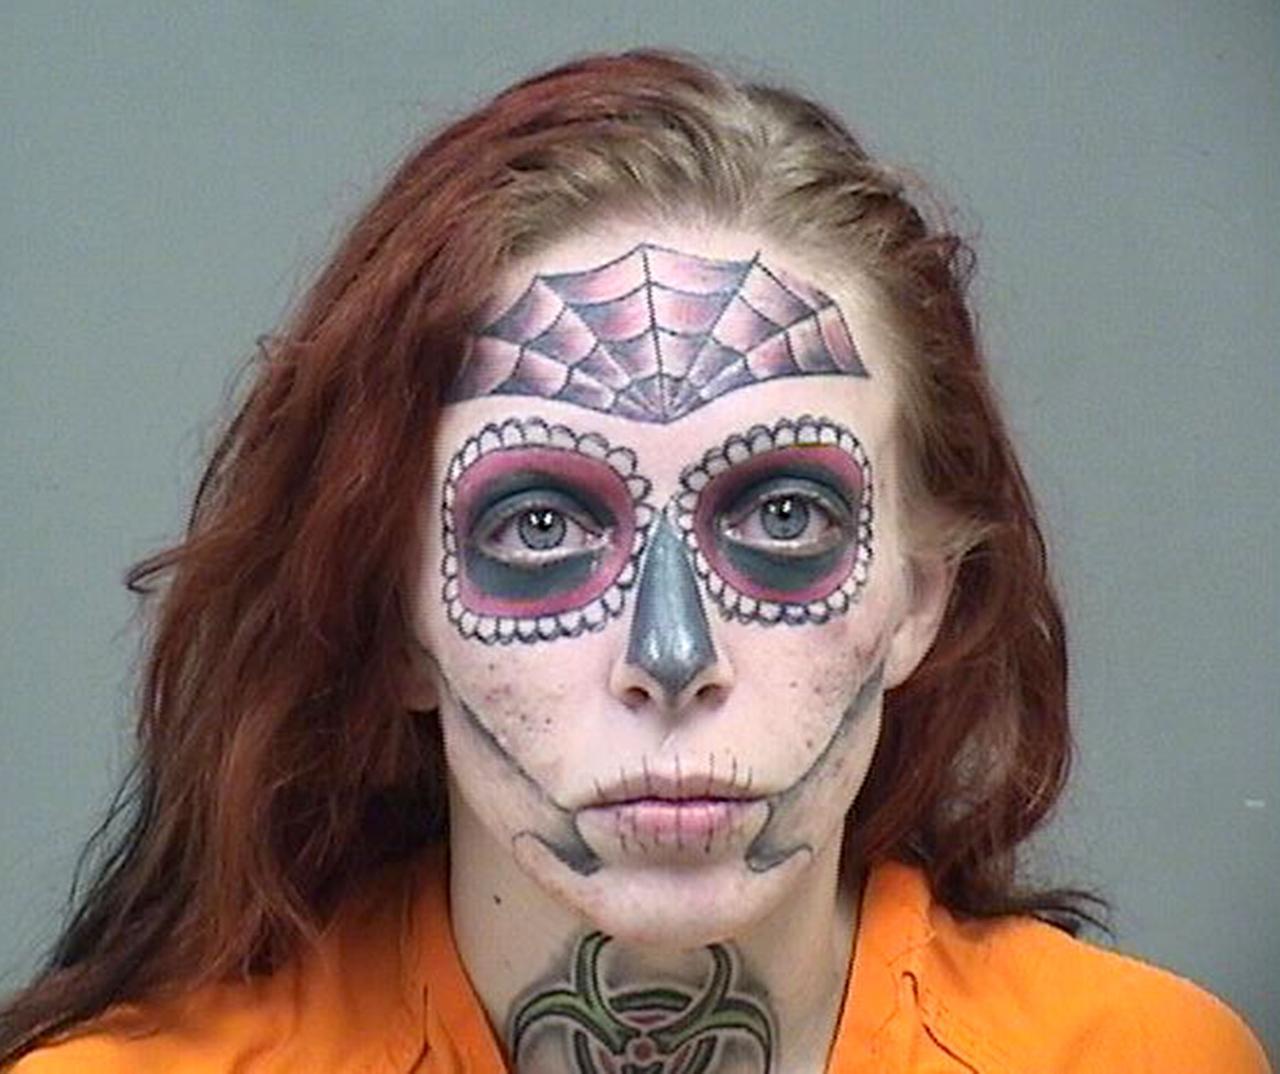 """画像: 万引きで捕まった女性の""""顔""""が派手すぎて「これはどう考えても捕まる」"""